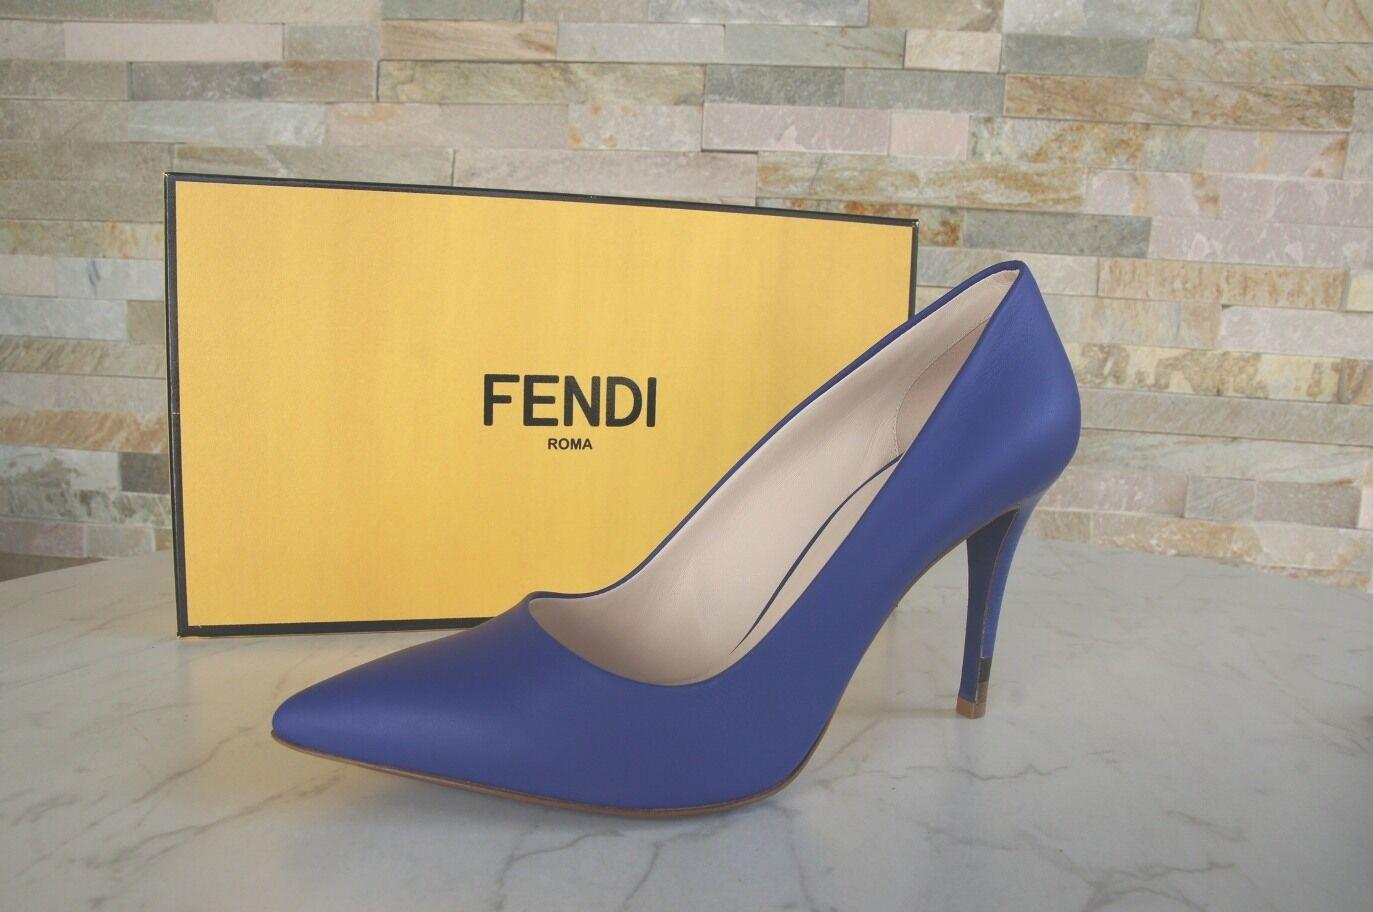 Lujo fendi talla 39,5 zapatos de salón salón salón tacón alto zapatos zapatos azul Neon nuevo ex PVP  ahorra hasta un 30-50% de descuento